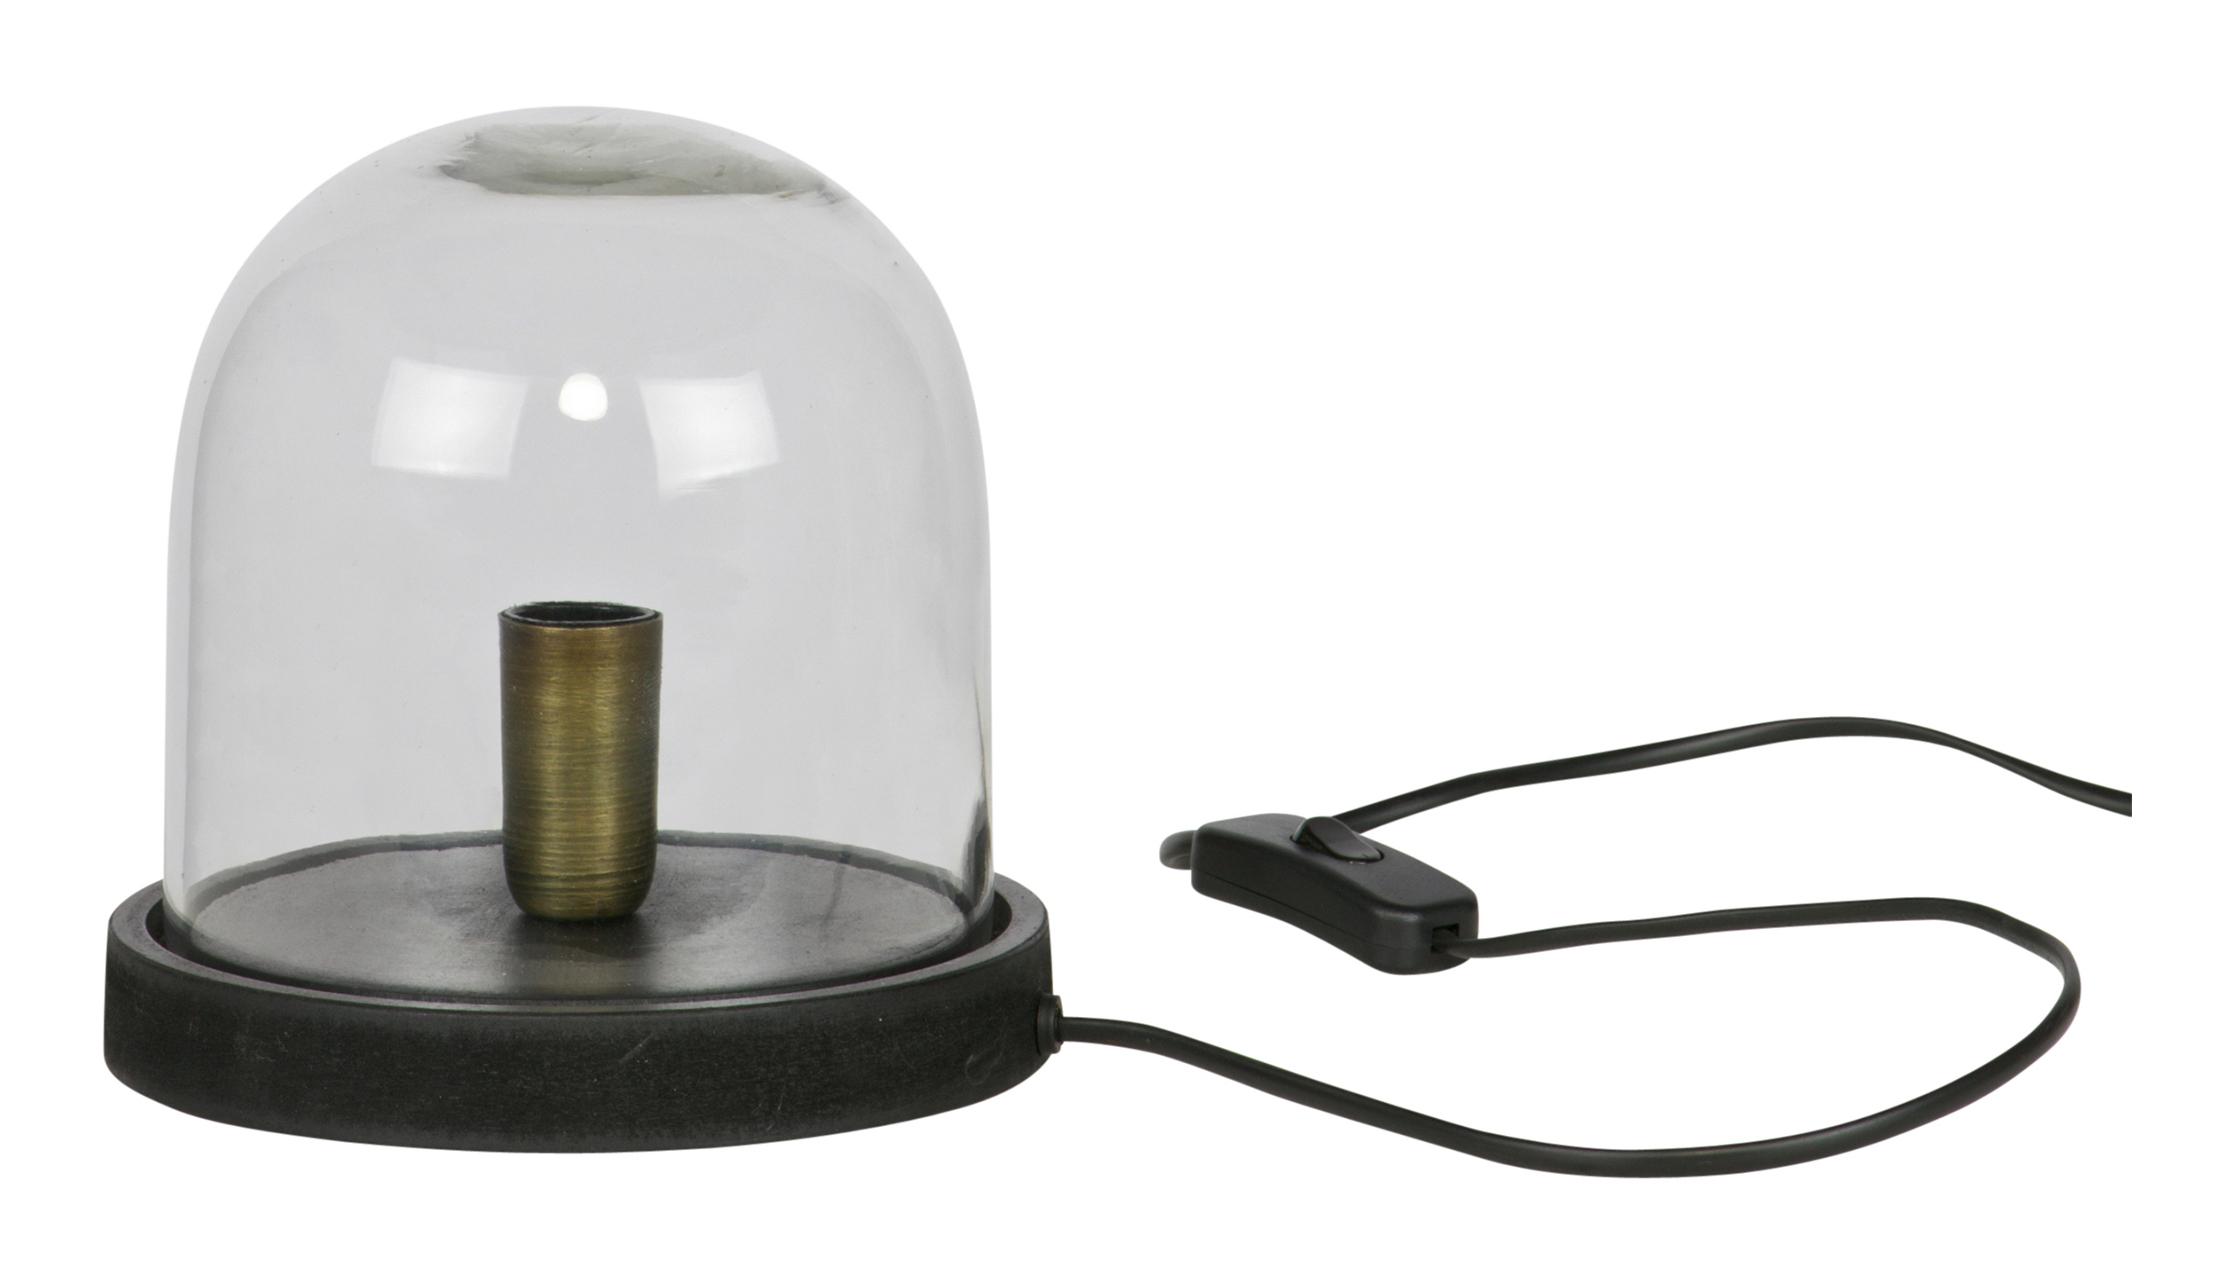 BePureHome Tafellamp 'Cover' Stolp Laag, kleur Zwart Verlichting | Tafellampen kopen